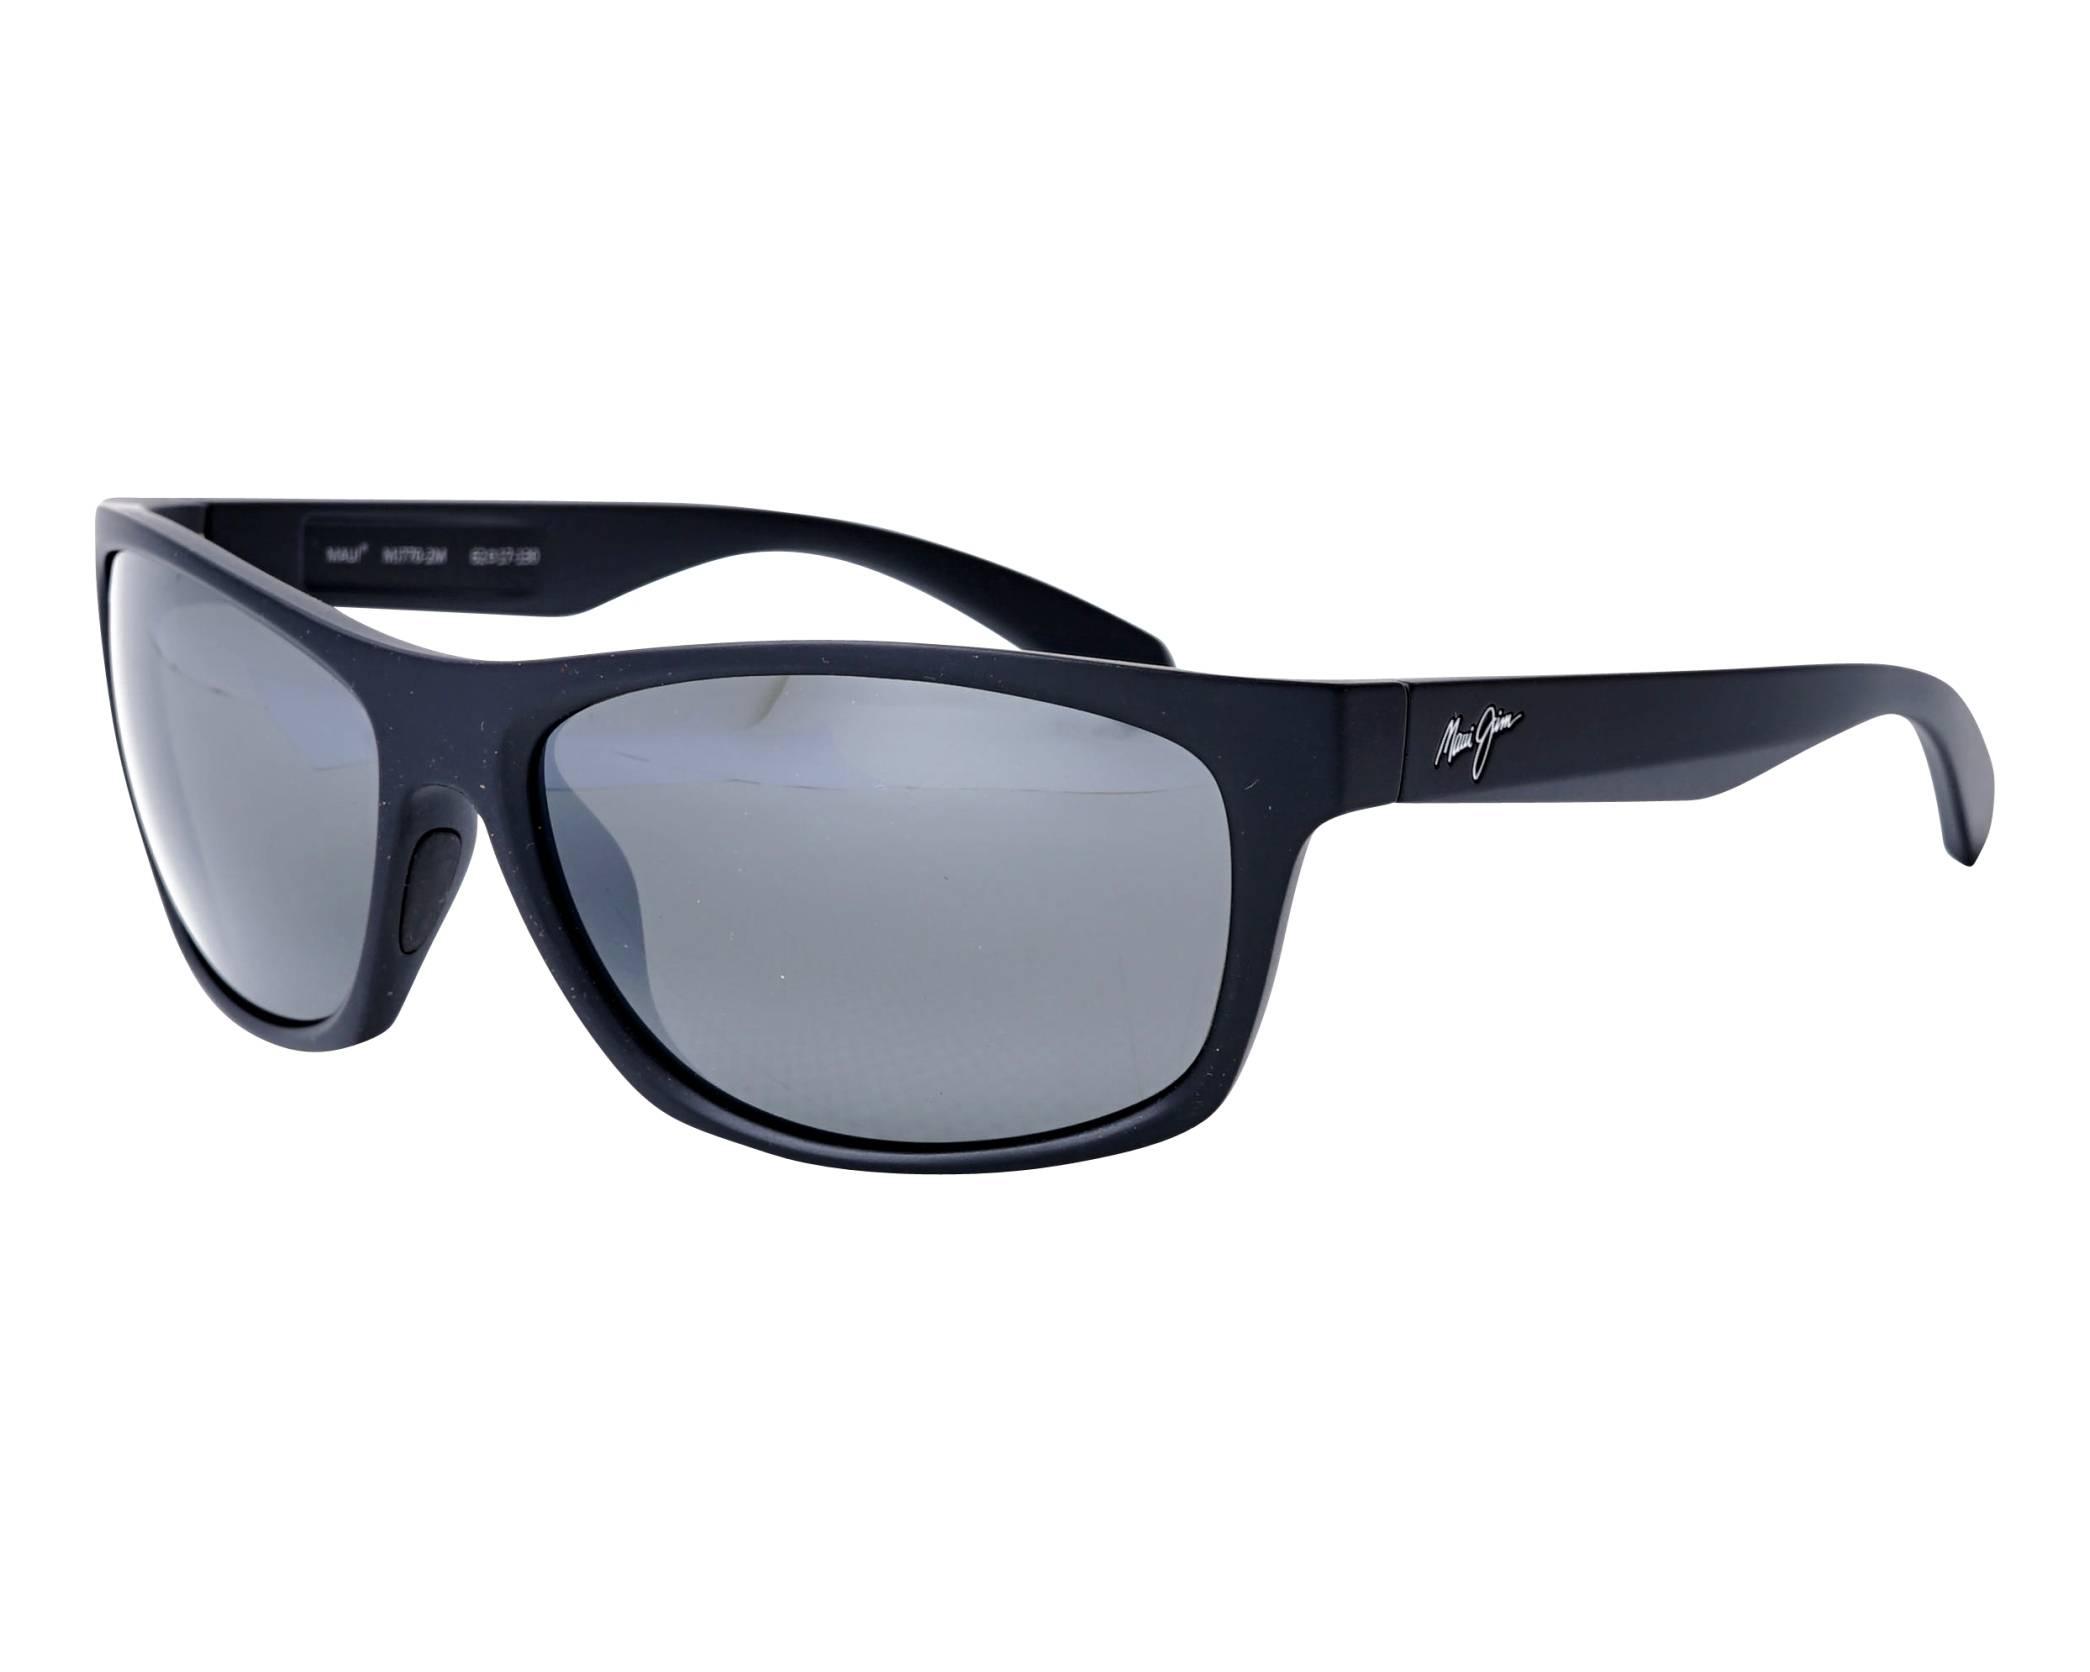 d93039c69c Gafas de sol Maui Jim TUMBLELAND 770-2M 62-17 Negra vista de perfil